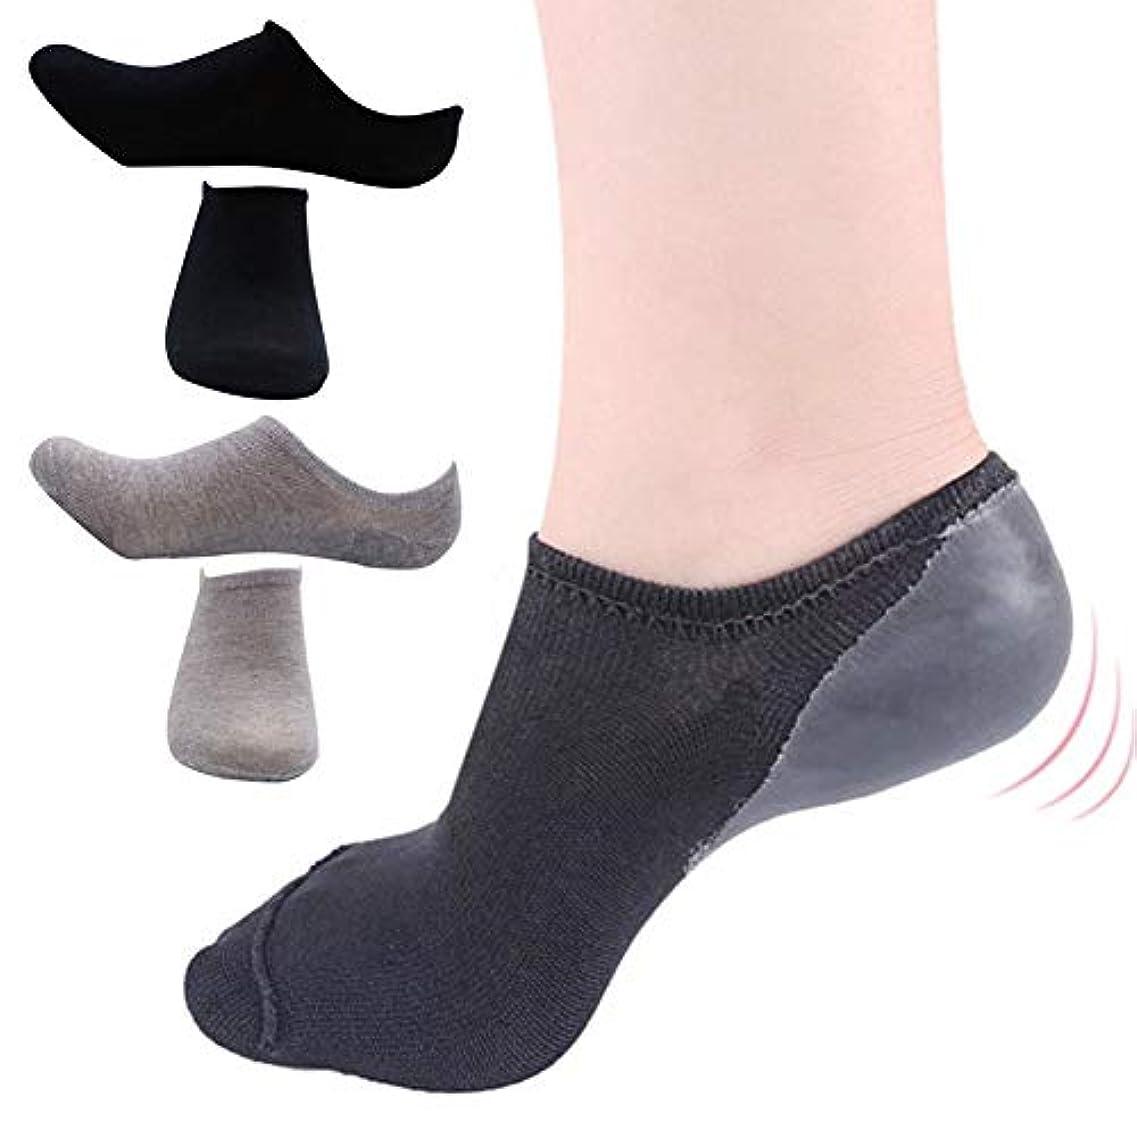 立方体帽子覆すK&TIME かかと くるぶしショートソックス レディース 浅履き 靴下 保湿ソックス かかと 靴下 靴下 角質ケア 滑らか スベスベ ツルツル ひび割れ ジェル 滑り止め 脱げにくい 美容 足SPA 足ケア 2足セット